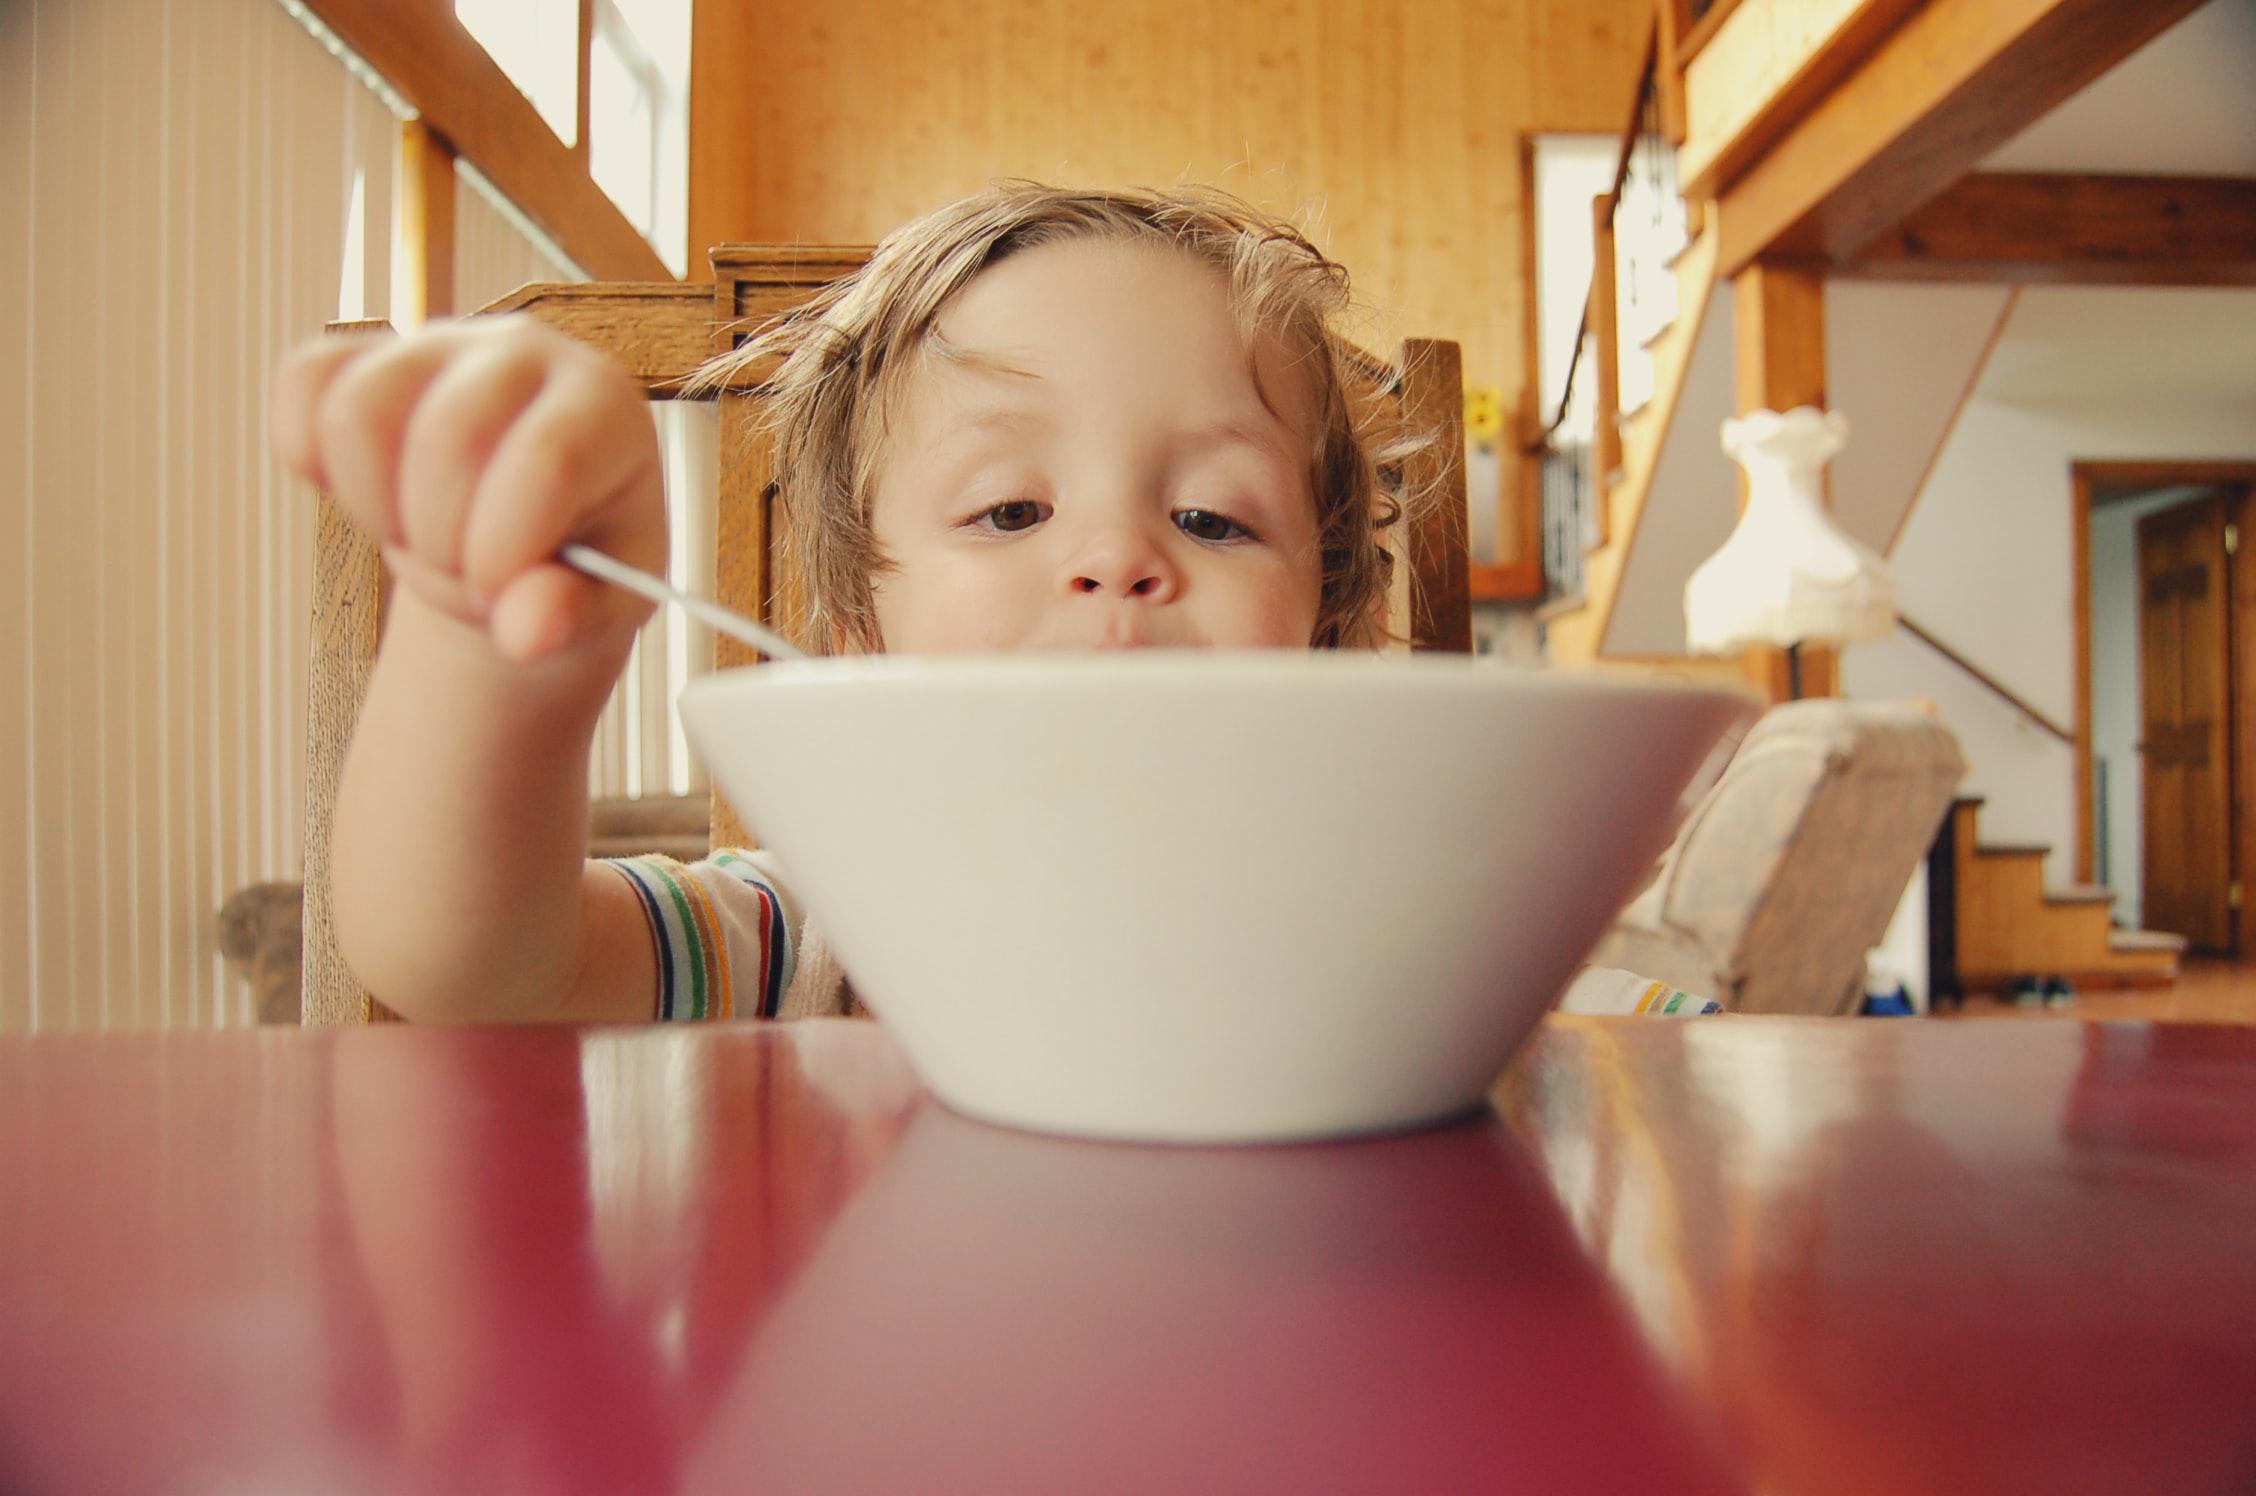 Essen kleine Kinder anders? Gesunde Ernährung für 1- bis 3-Jährige